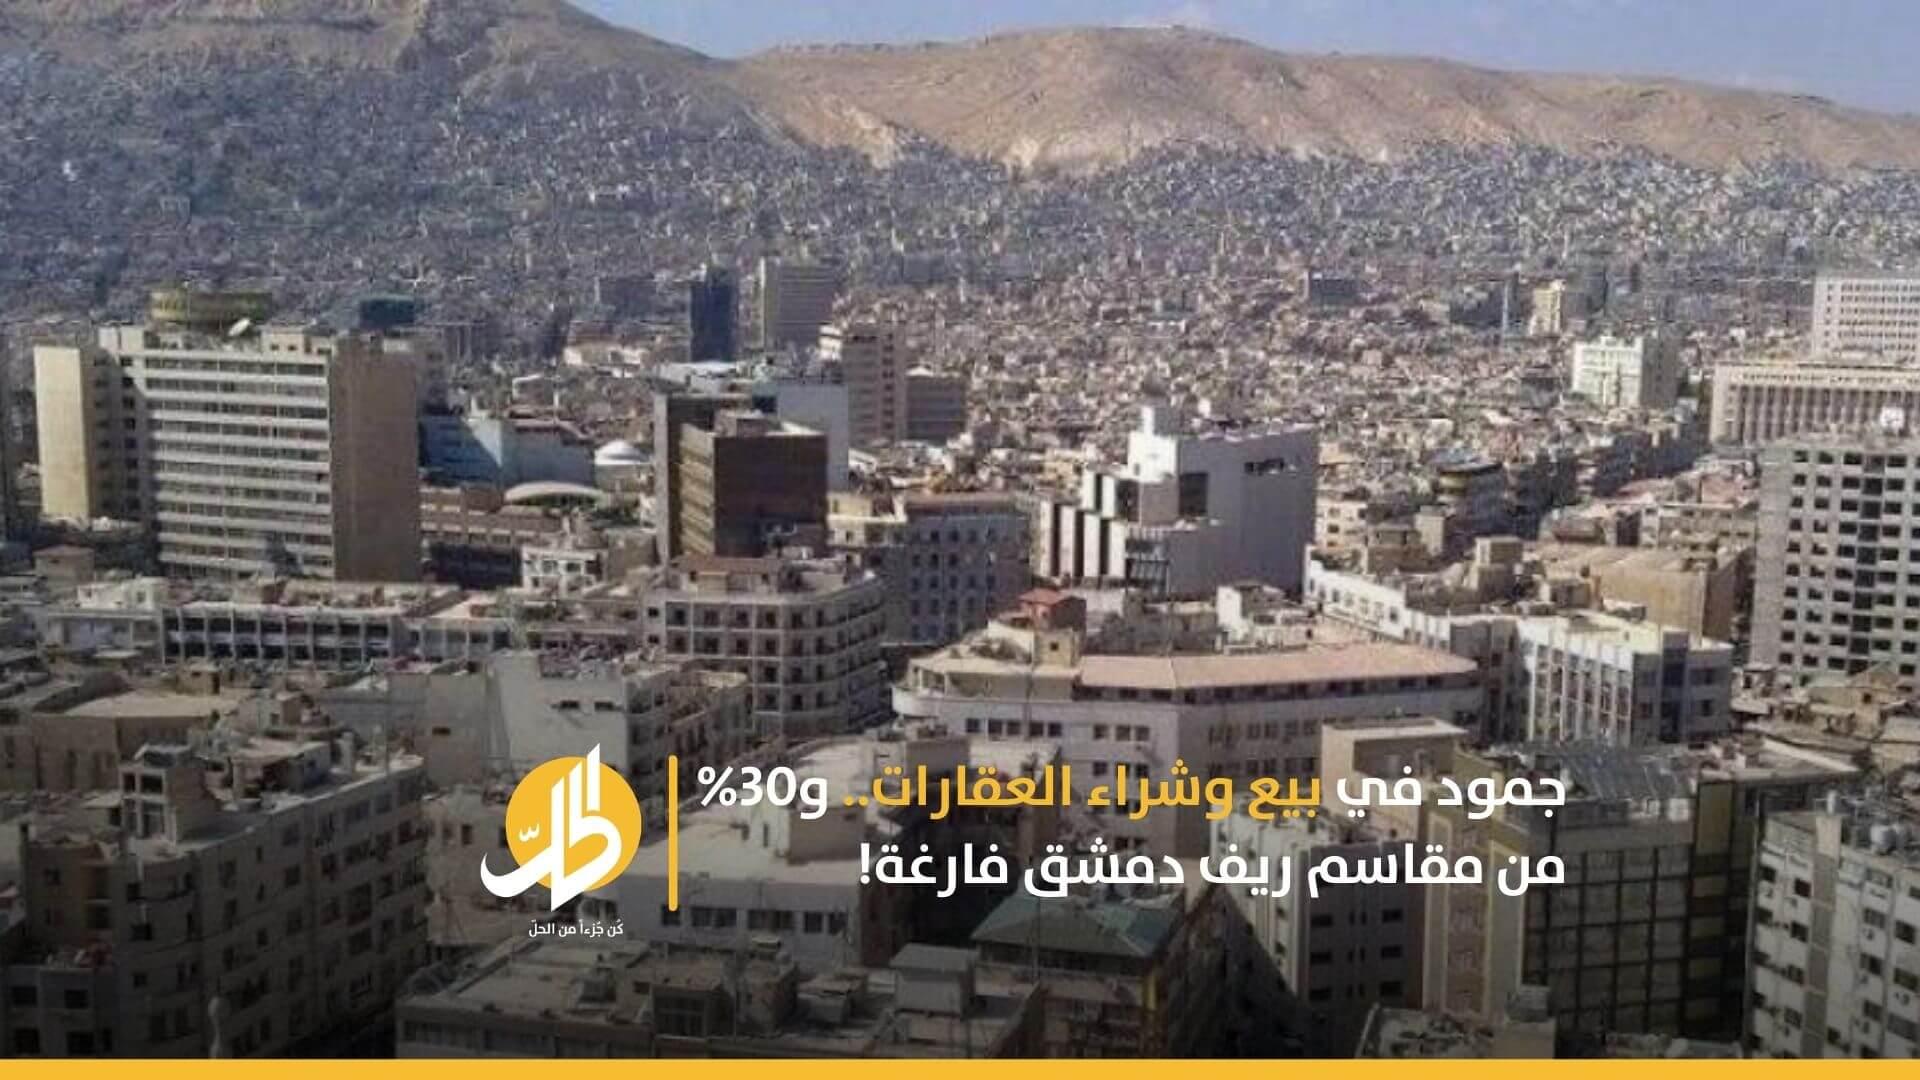 جمود في بيع وشراء العقارات.. و30% من مقاسم ريف دمشق فارغة!